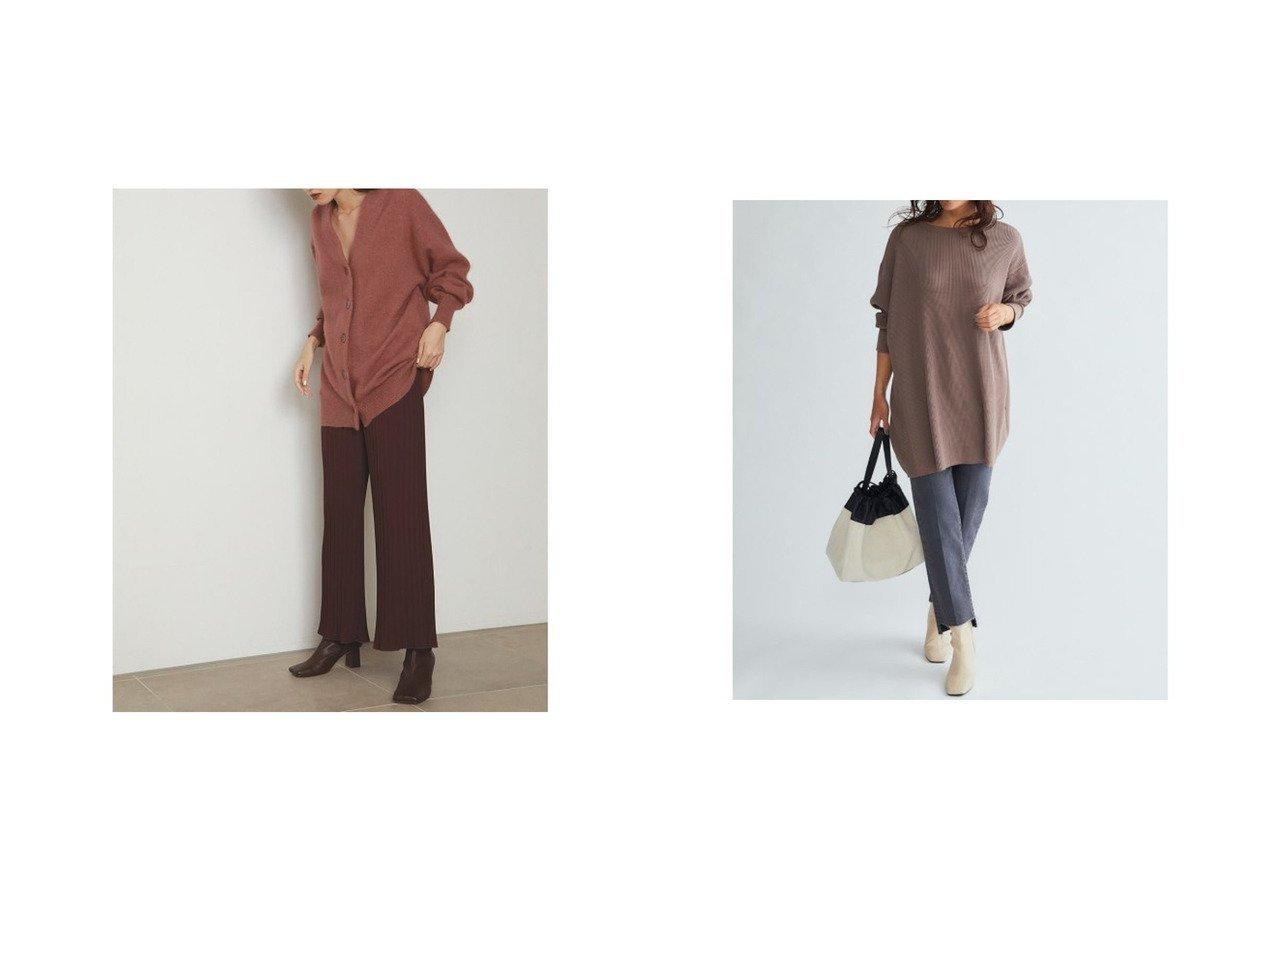 【Mila Owen/ミラオーウェン】のアシンメトリーヘムストレートデニムパンツ&【SNIDEL/スナイデル】のプリーツパンツ パンツのおすすめ!人気、トレンド・レディースファッションの通販 おすすめで人気の流行・トレンド、ファッションの通販商品 メンズファッション・キッズファッション・インテリア・家具・レディースファッション・服の通販 founy(ファニー) https://founy.com/ ファッション Fashion レディースファッション WOMEN パンツ Pants デニムパンツ Denim Pants 今季 スマート パープル プリーツ リラックス ロング 冬 Winter 2020年 2020 2020-2021 秋冬 A/W AW Autumn/Winter / FW Fall-Winter 2020-2021 インディゴ ストレート デニム 人気 フィット フロント |ID:crp329100000012740